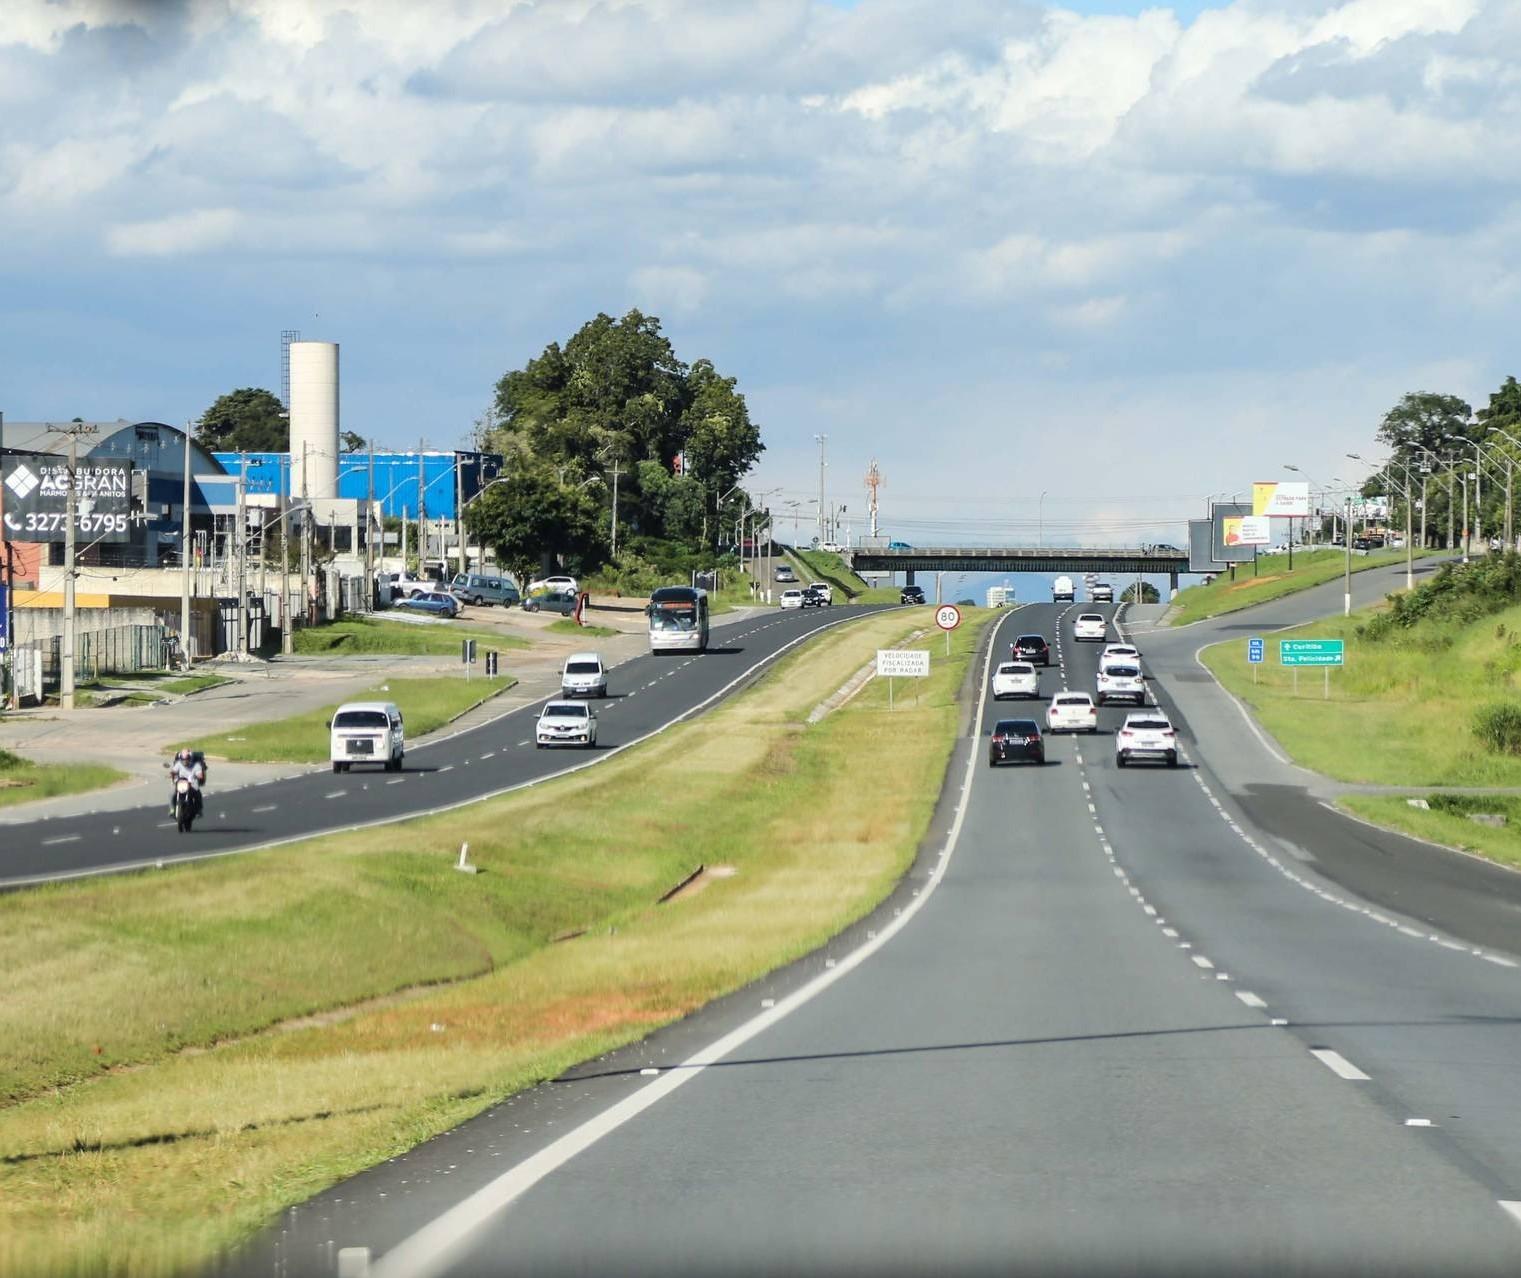 Novas regras para a concessão de rodovias são tema do CBN Paraná